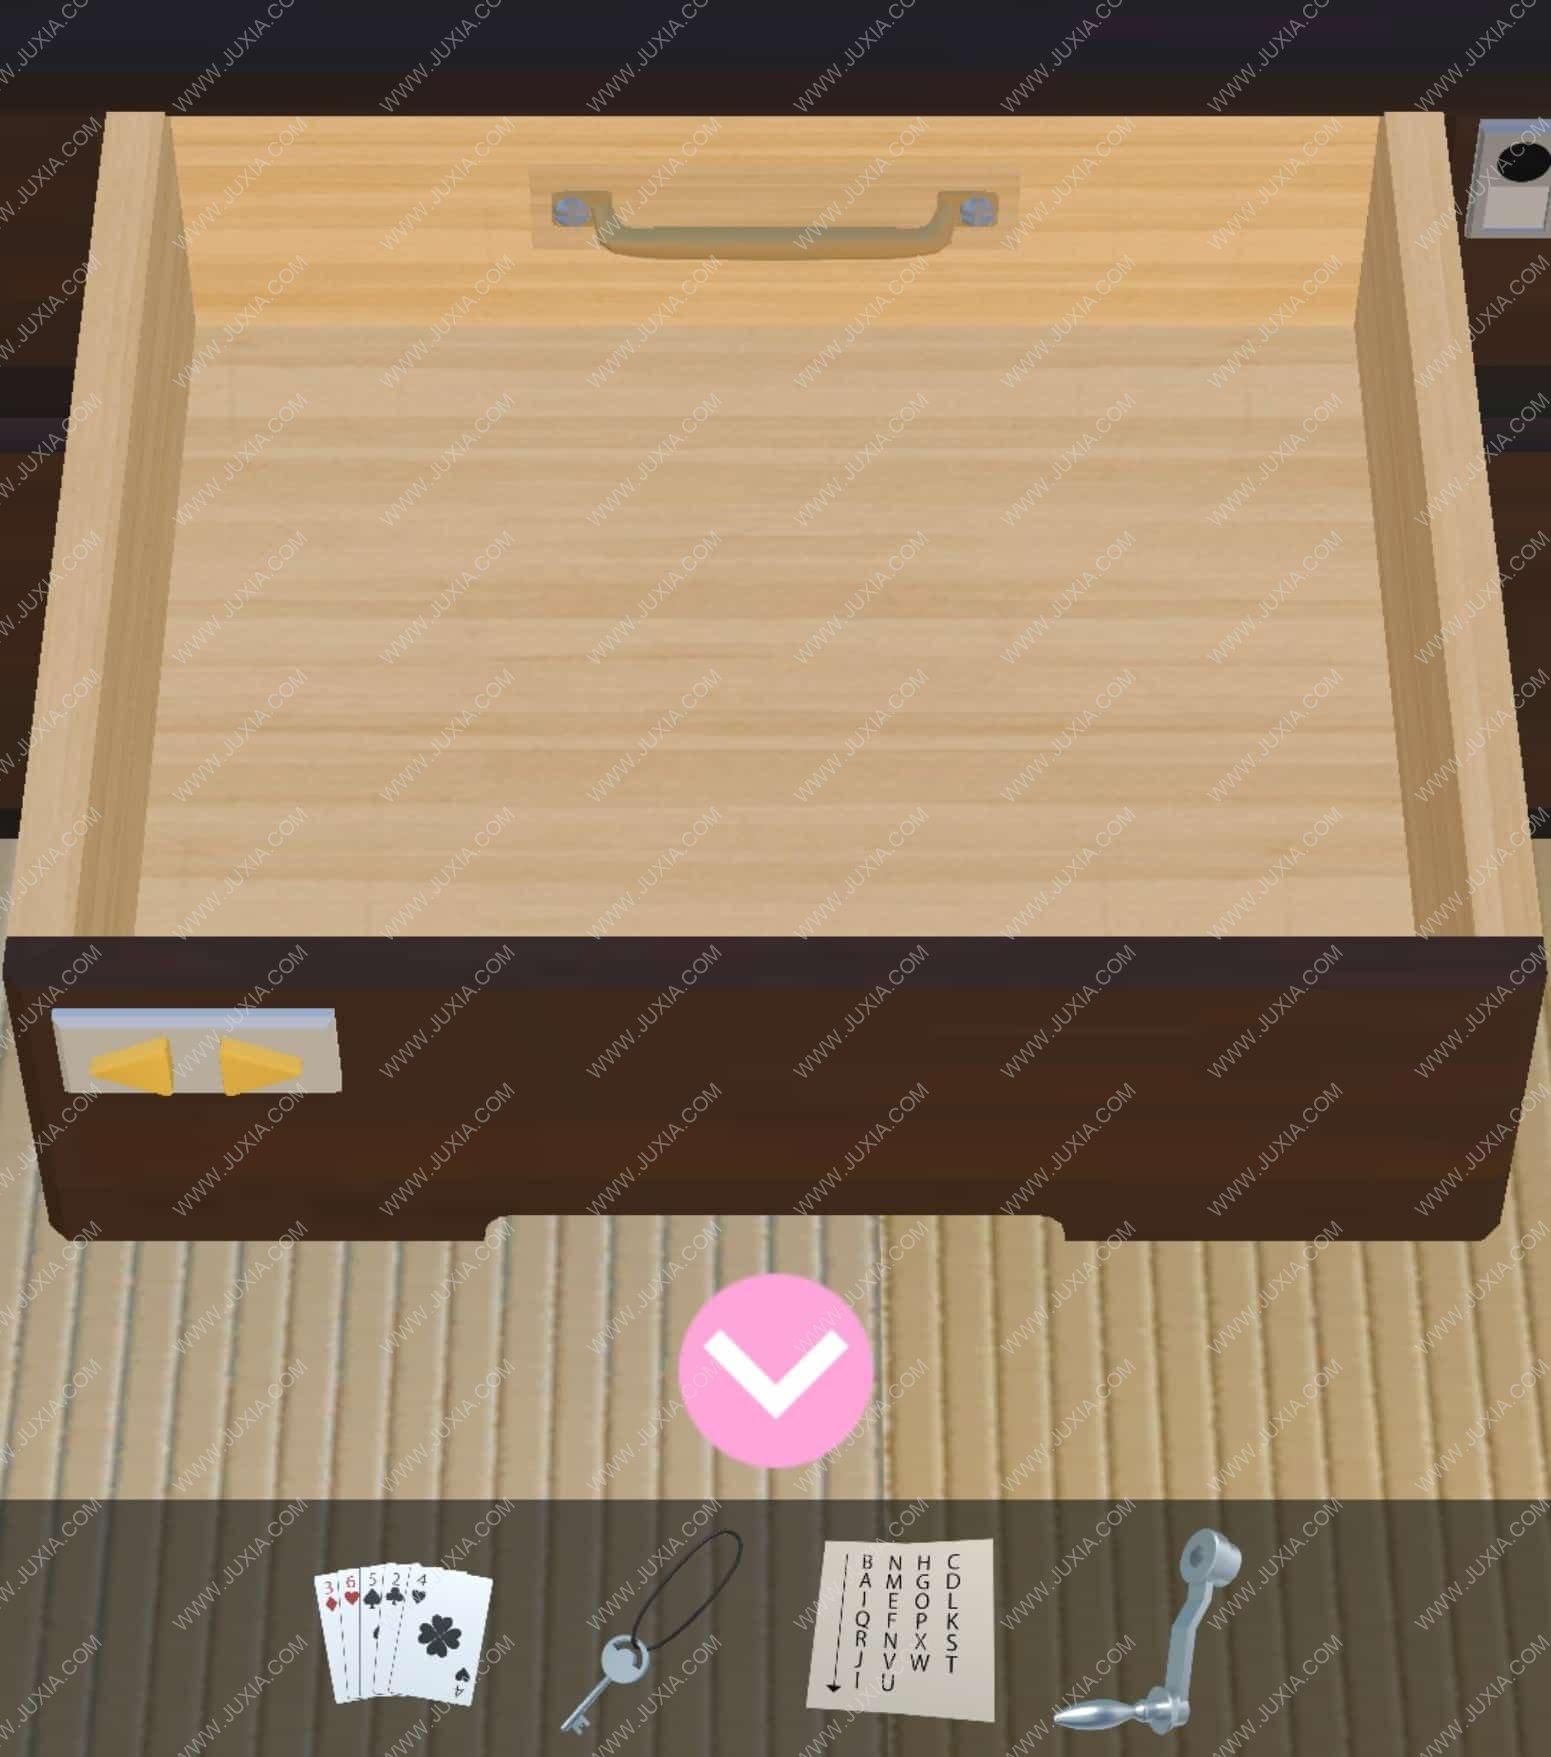 密室逃脱游戏樱花落在最后一场雪中攻略全集 Sakurafallinthelastsnow图文详解-迷失攻略组